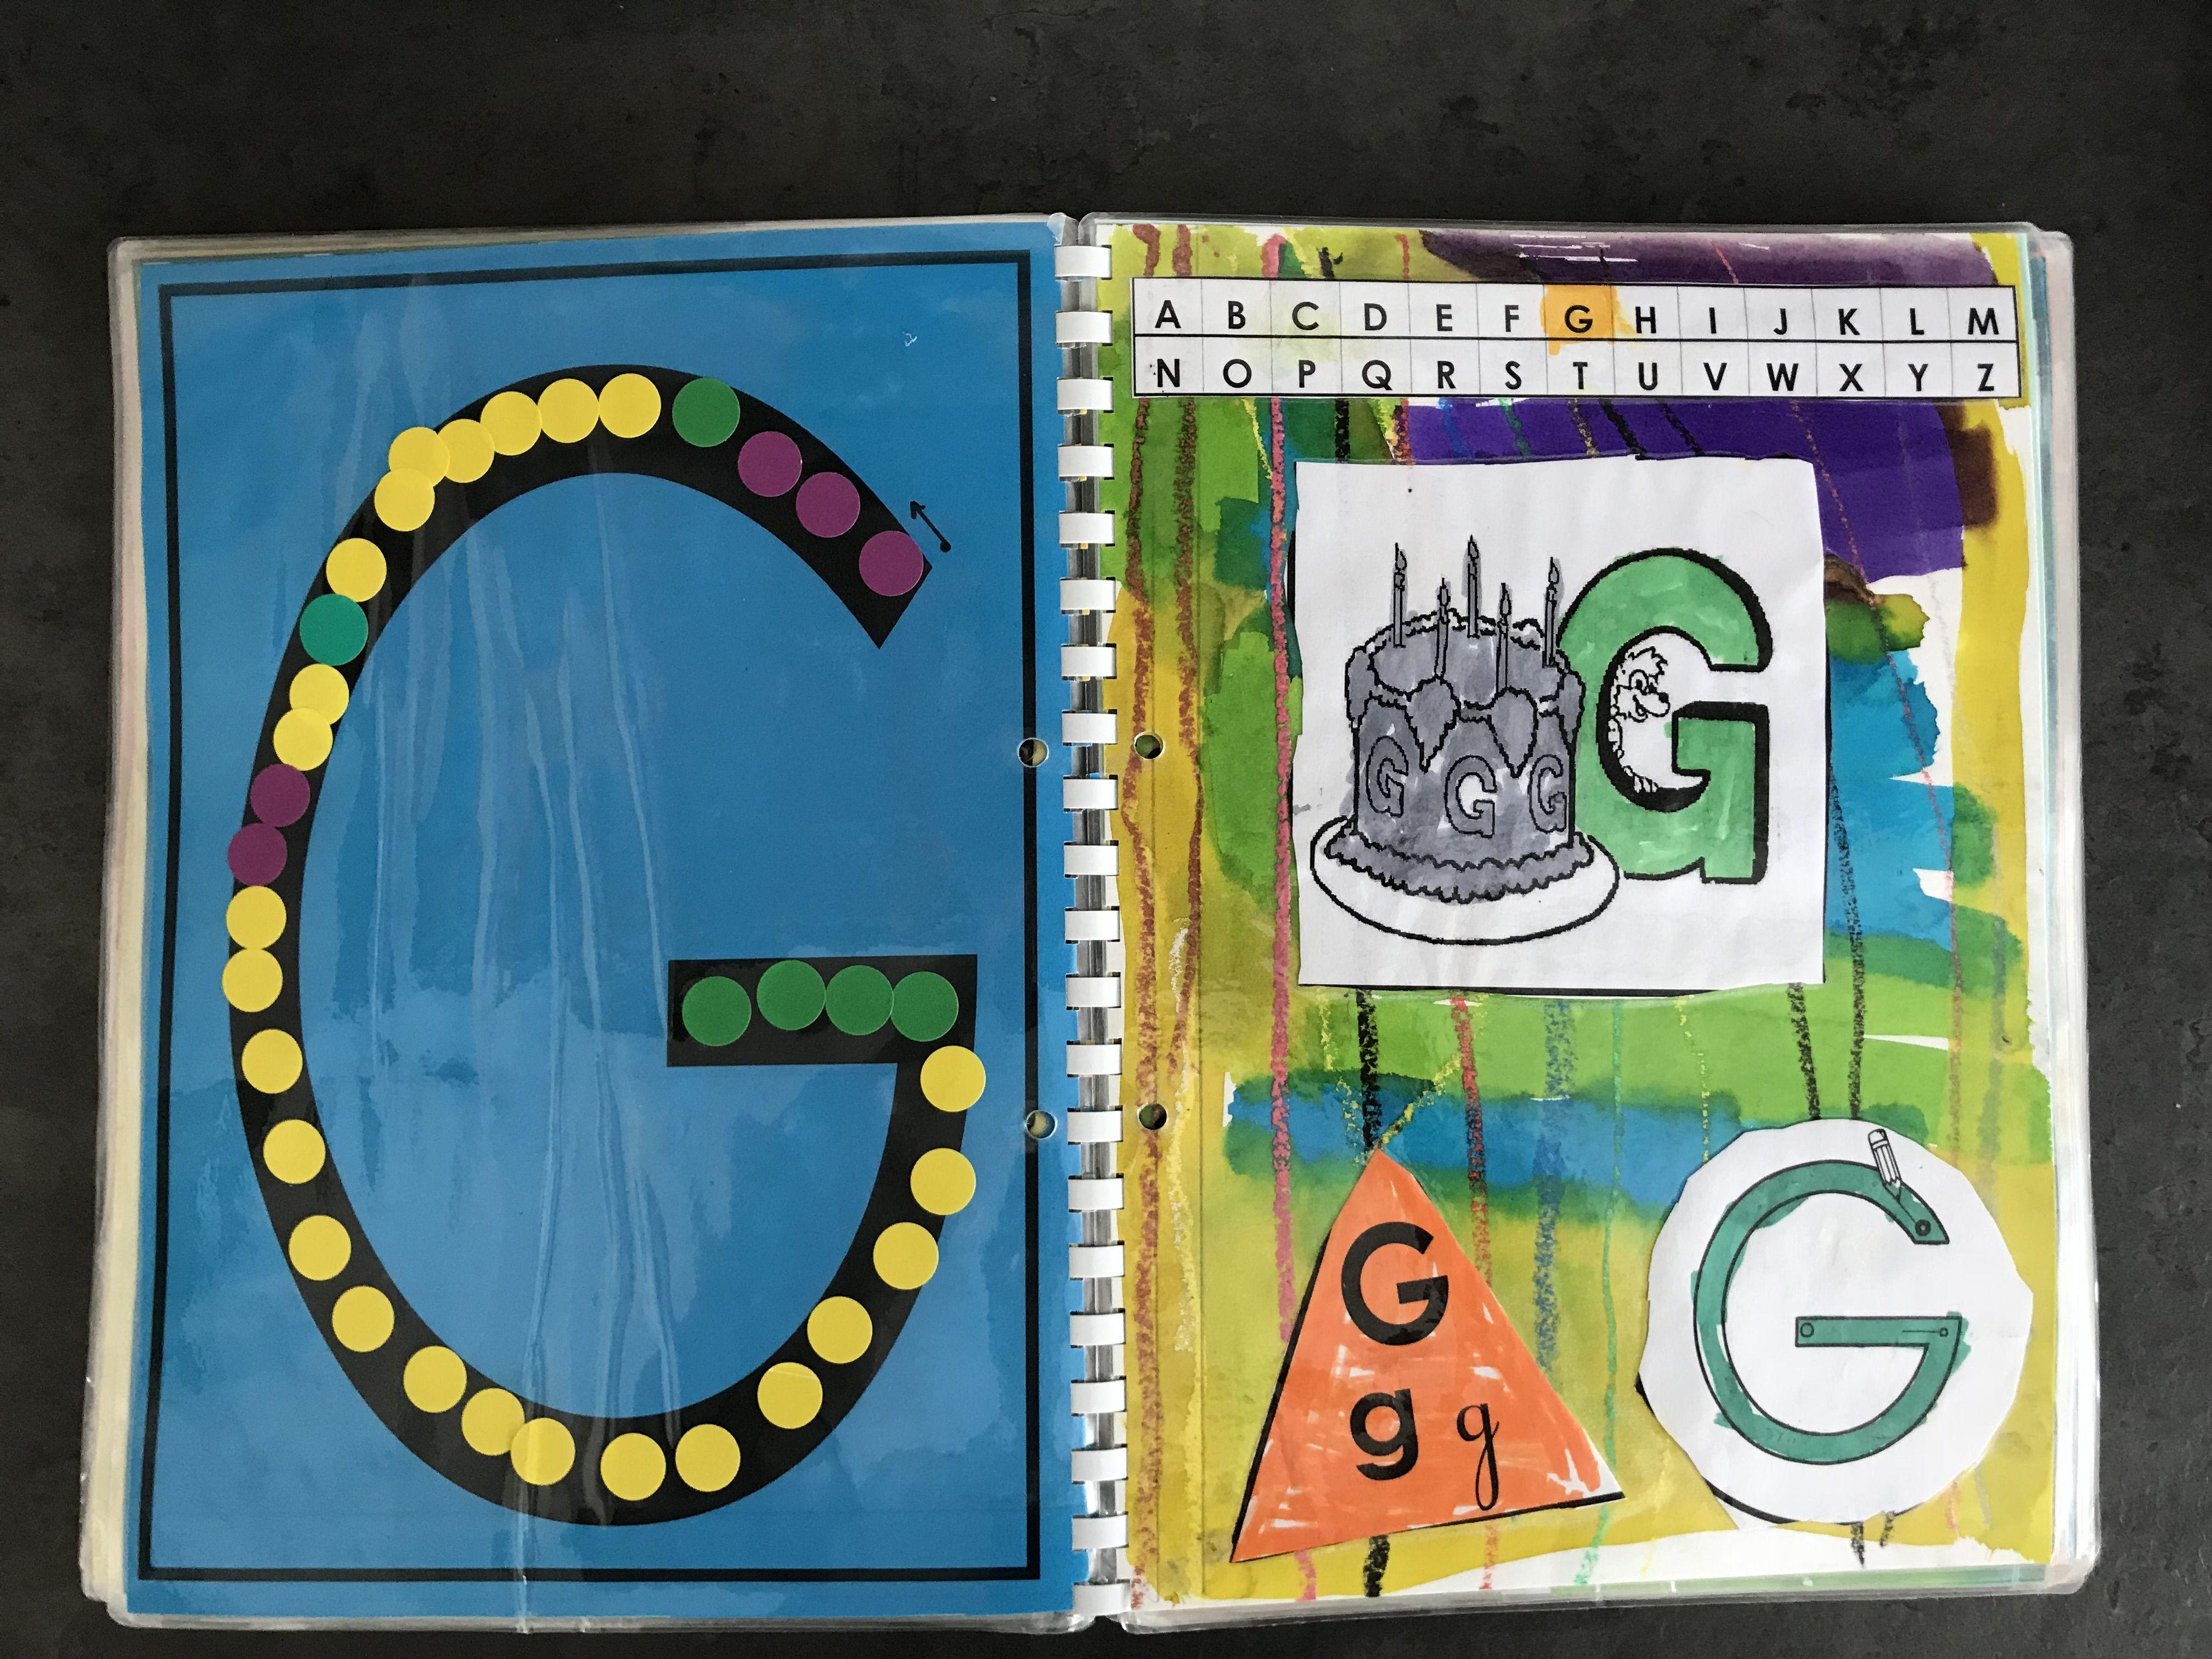 Abecedaire Ms Encre Colore Decoupage Collage A Partir De L Alphabet De Souris Mot De L Desrosiers Ed L Artichaut Projet De Classe Abecedaire Alphabet